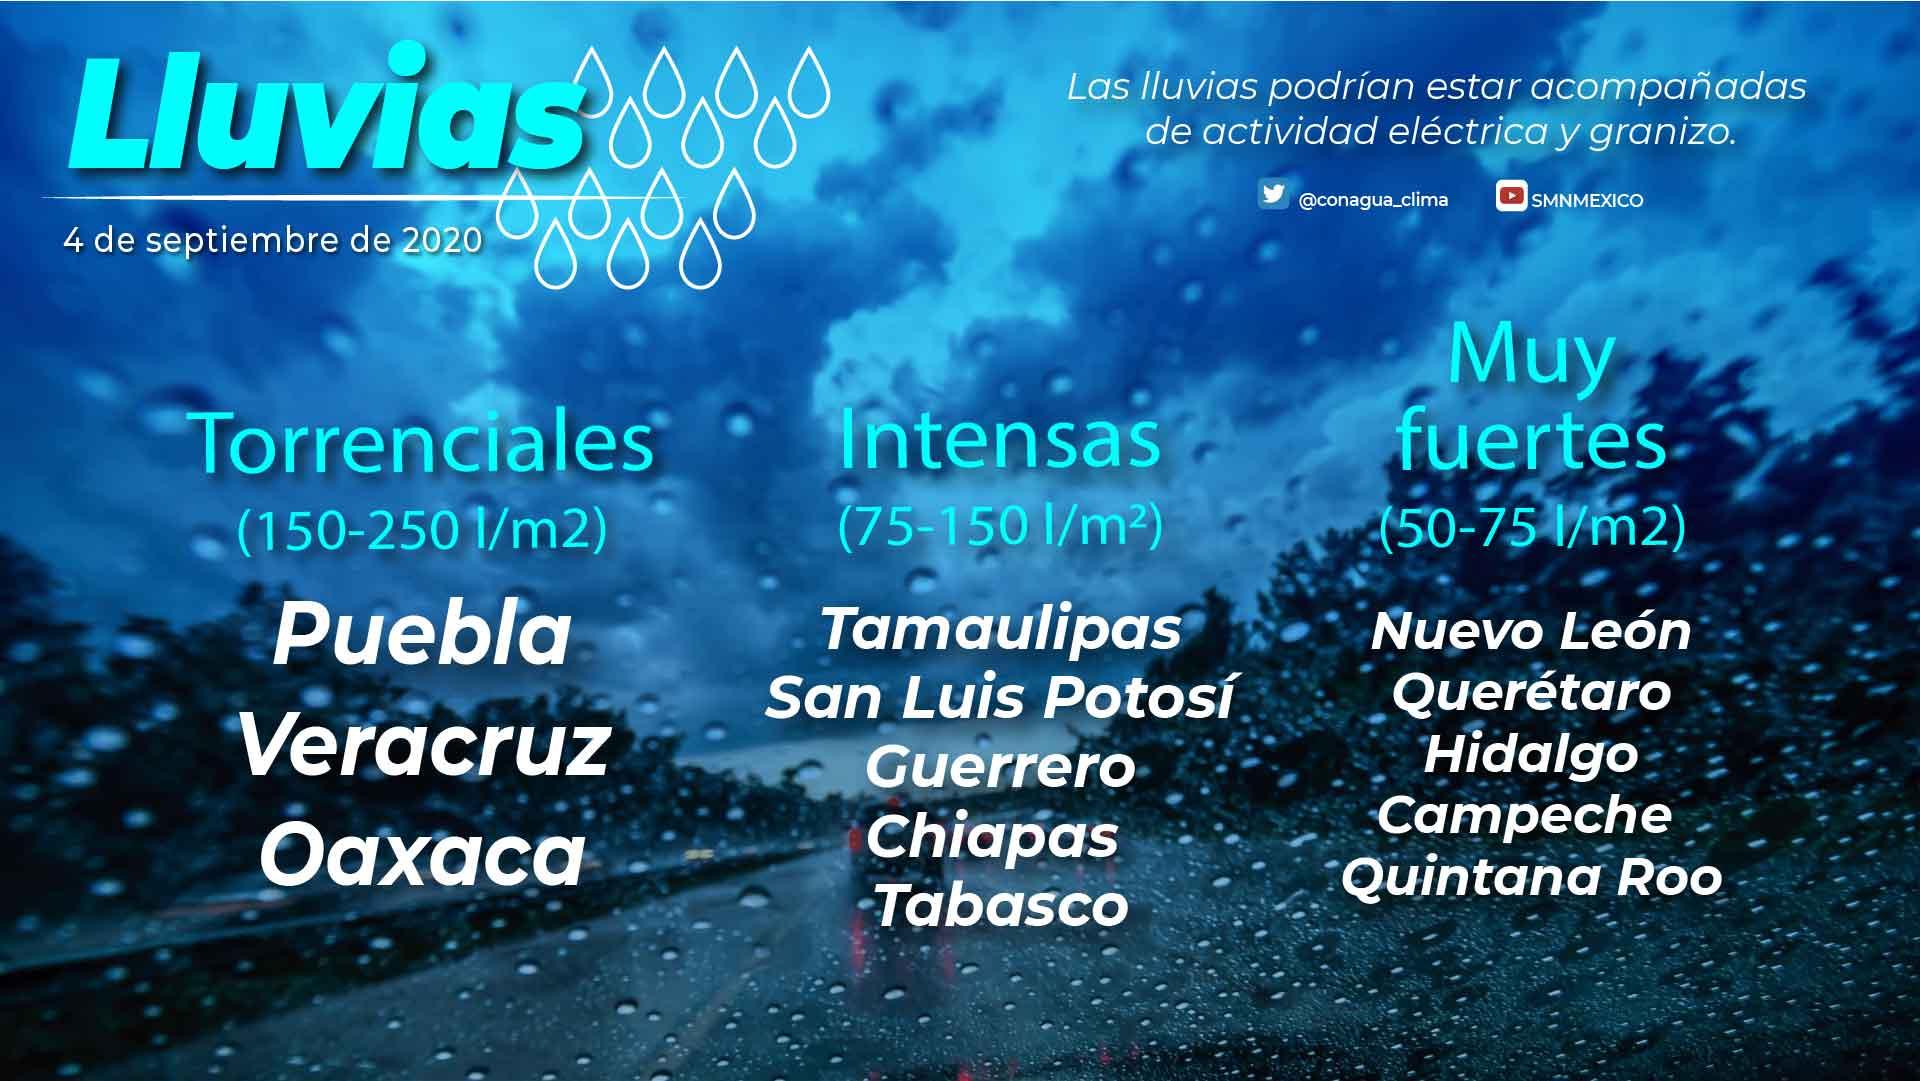 Los remanentes de Nana ocasionarán lluvias torrenciales en Oaxaca, Puebla y Veracruz